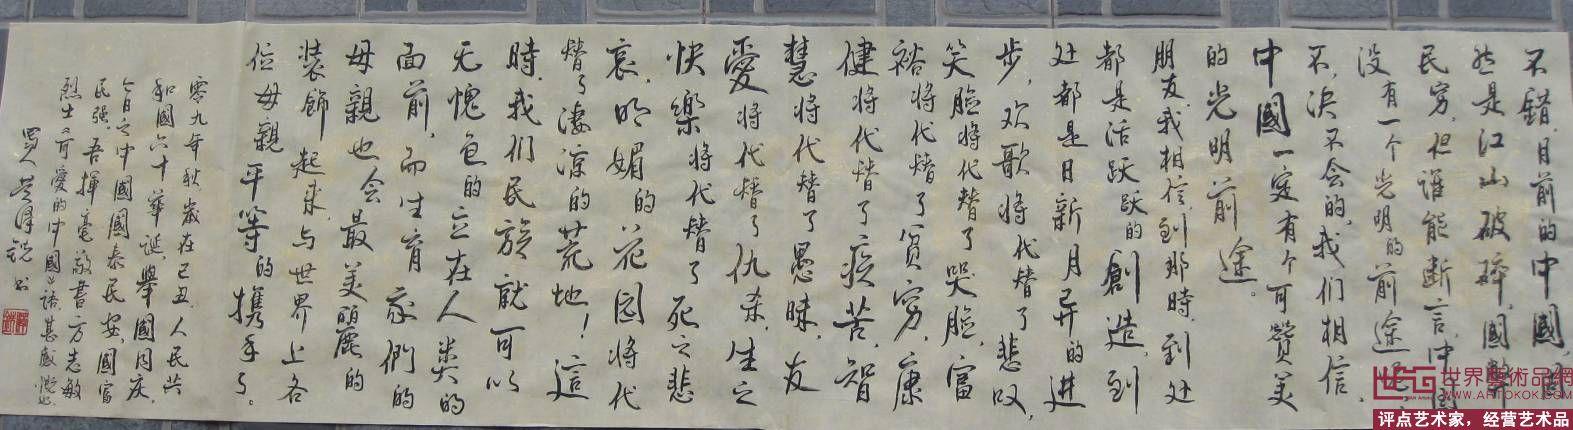 黄泽铣-长卷-可爱的中国-淘宝-名人字画-中国书画